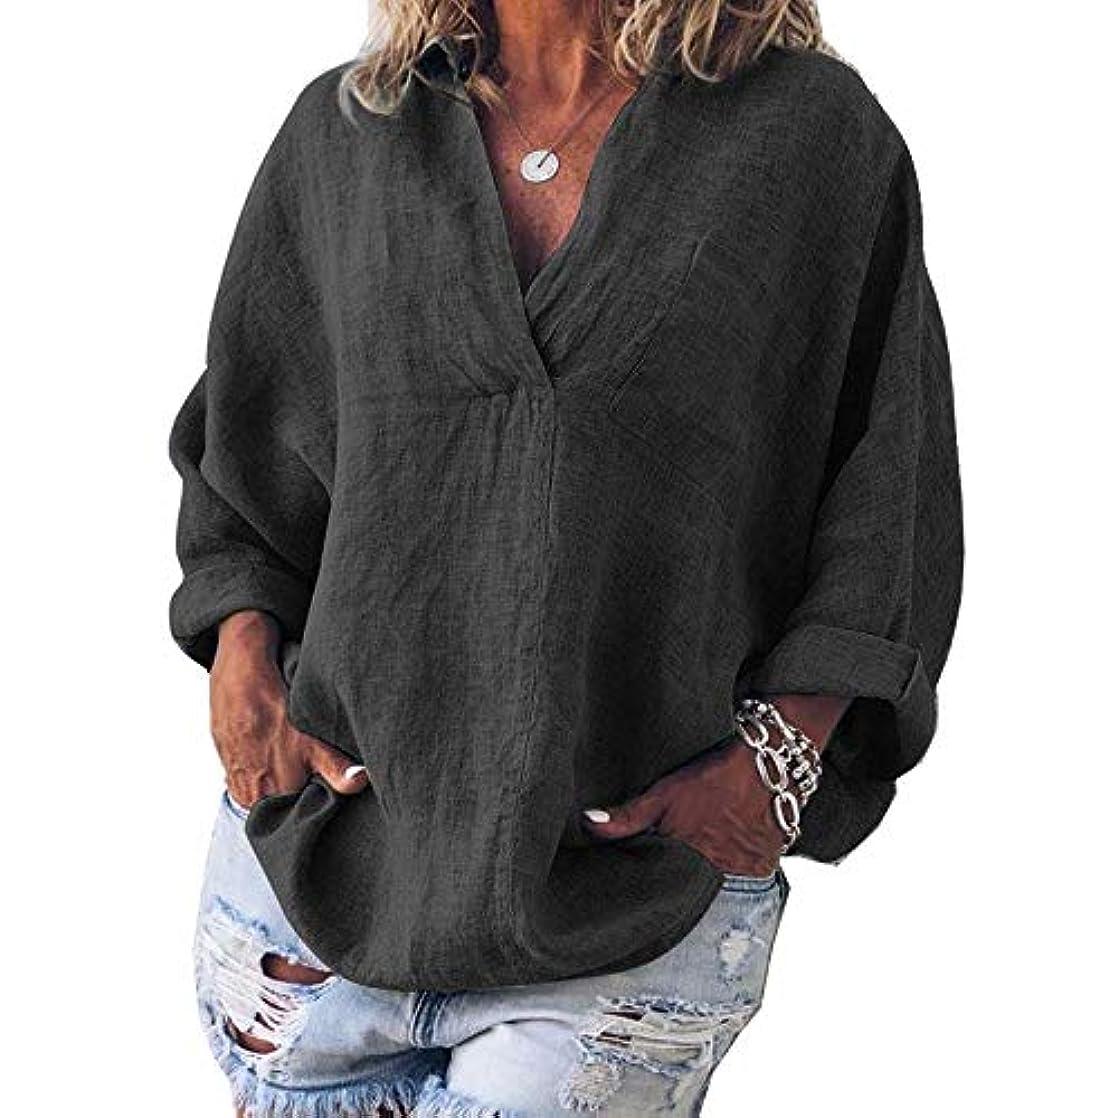 生き残りますネスト気候の山MIFAN女性ファッション春夏チュニックトップス深いVネックTシャツ長袖プルオーバールーズリネンブラウス